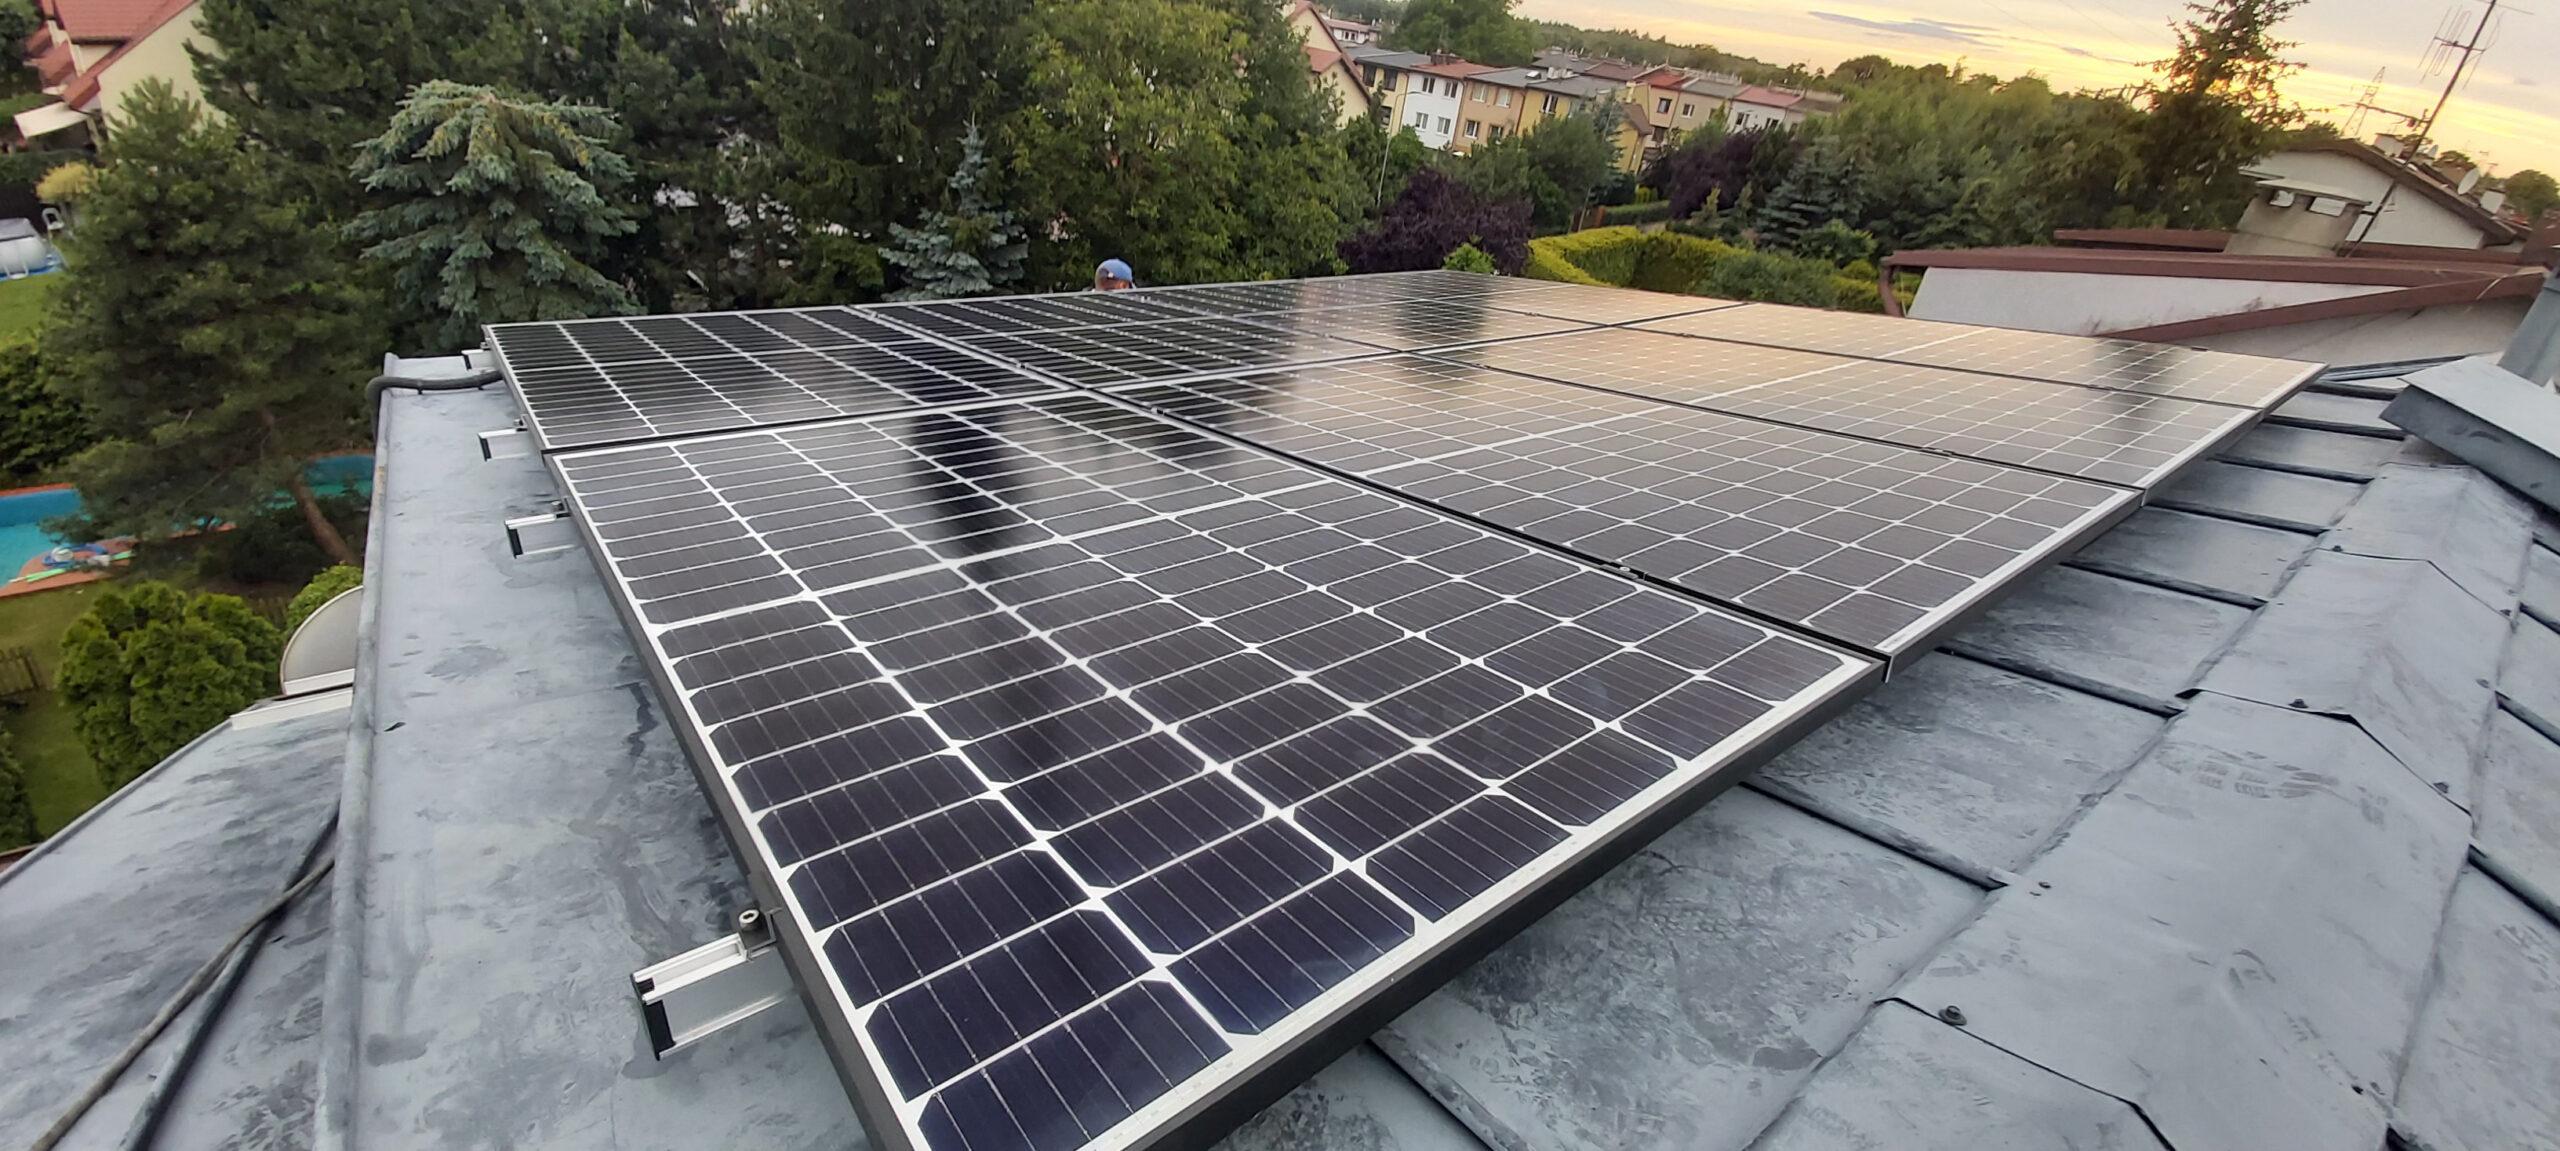 Instalacja fotowoltaiczna o mocy: 6,035 kWp – Łódż